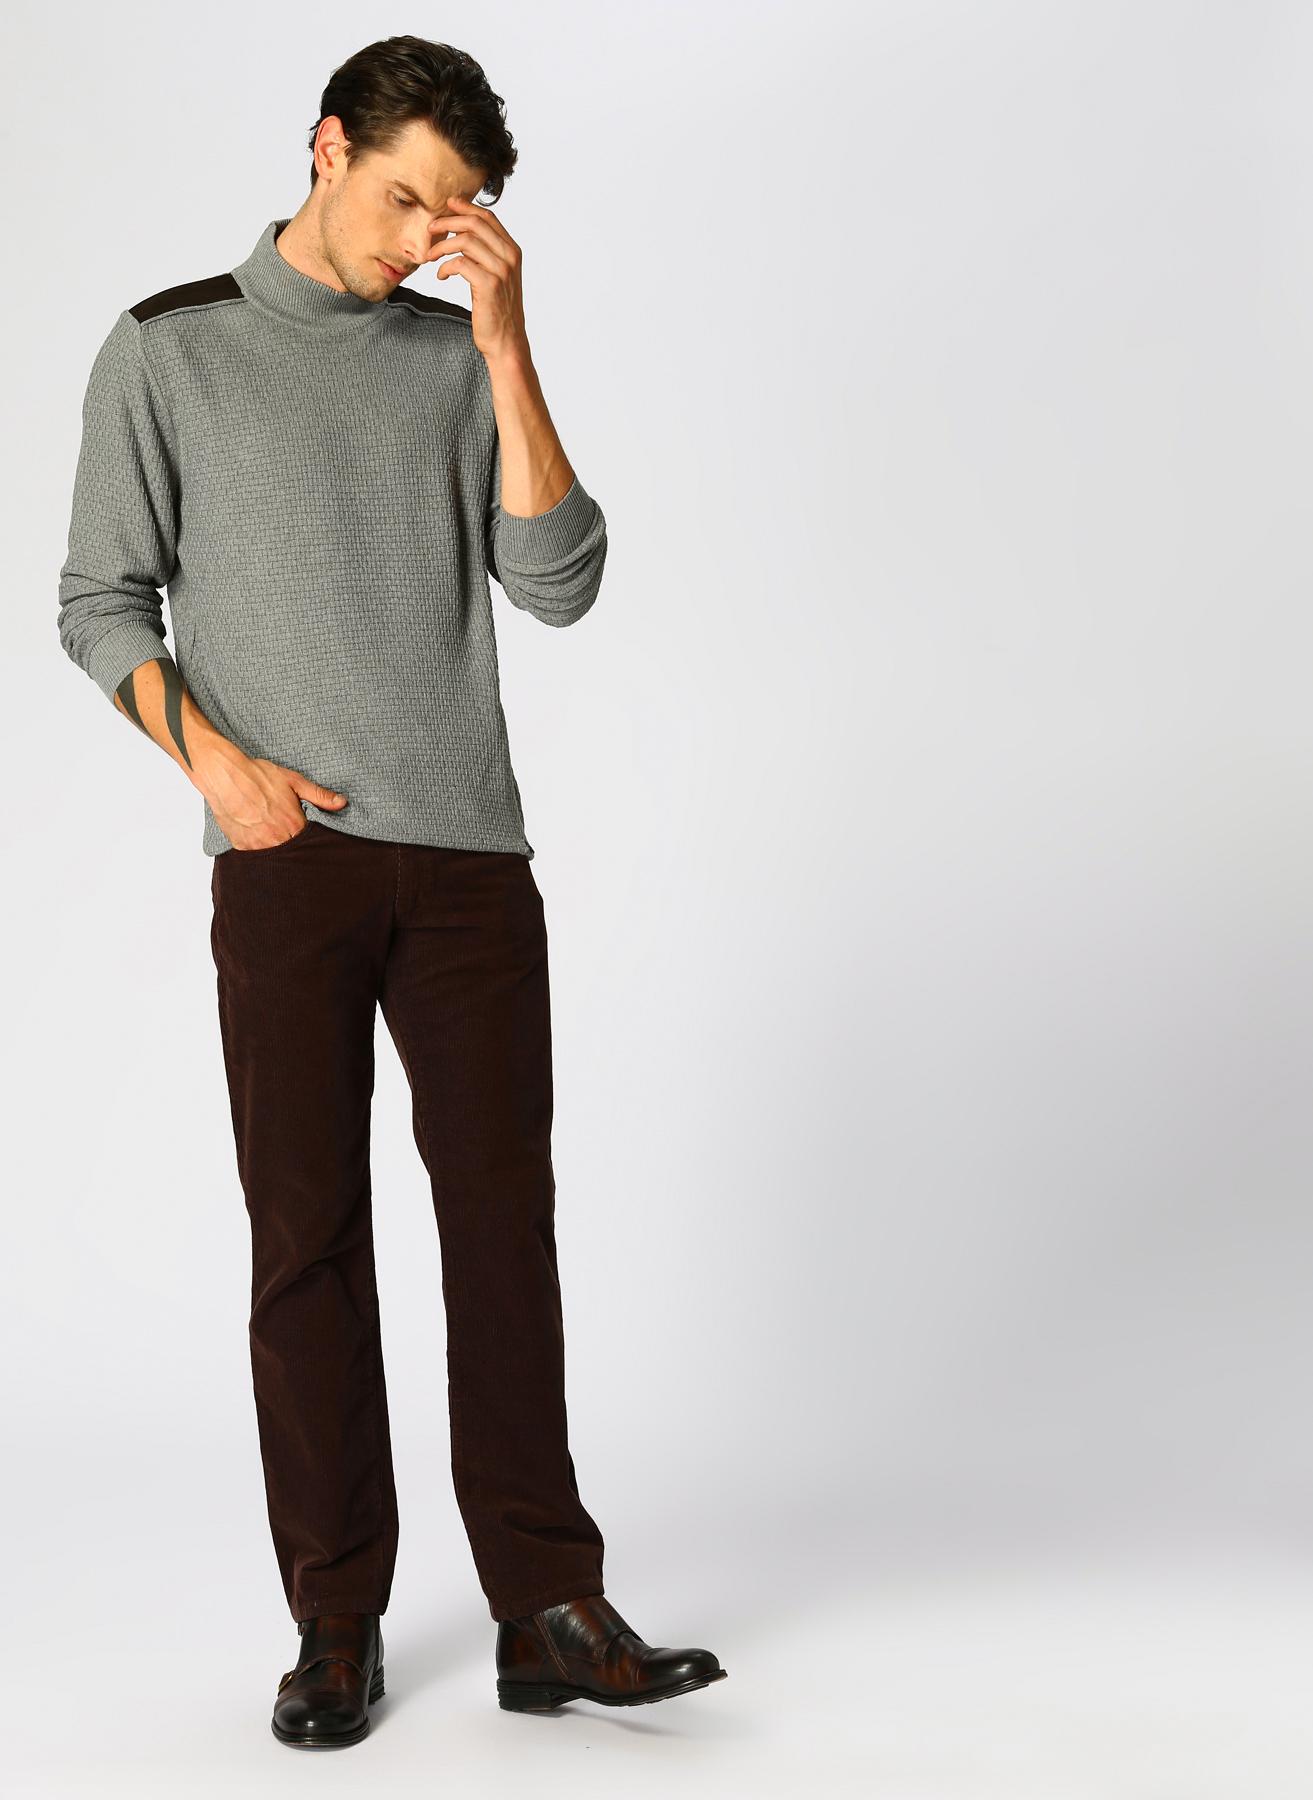 Beymen Business Kadife Kahverengi Klasik Pantolon 38-34 5002320876009 Ürün Resmi